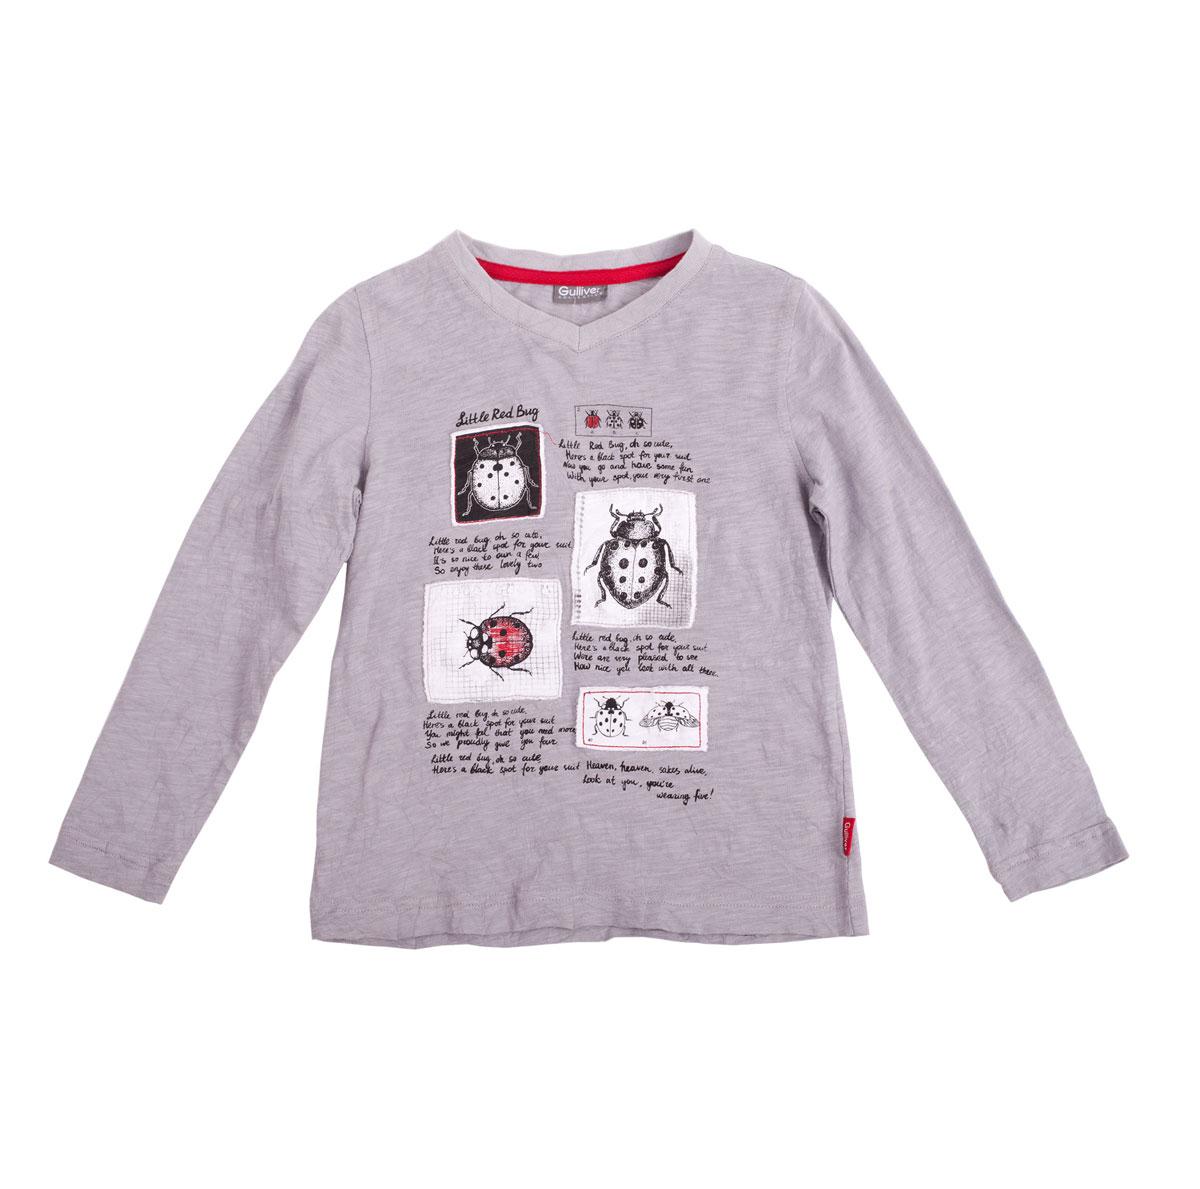 11603BMC1202Модная футболка с длинным рукавом для мальчика Gulliver Красный жук станет отличным дополнением к детскому гардеробу. Модель выполнена из натурального хлопка, очень мягкая и приятная на ощупь, не сковывает движения и позволяет коже дышать, обеспечивая наибольший комфорт. Футболка с V-образным вырезом горловины и длинными рукавами оформлена актуальным эффектом легкой потертости и состаренности. Вырез горловины дополнен трикотажной резинкой. Изделие украшено нашивками с изображением божьих коровок, а также принтовыми надписями. Дизайн и расцветка делают эту футболку стильным предметом детской одежды, она поможет создать отличный современный образ.